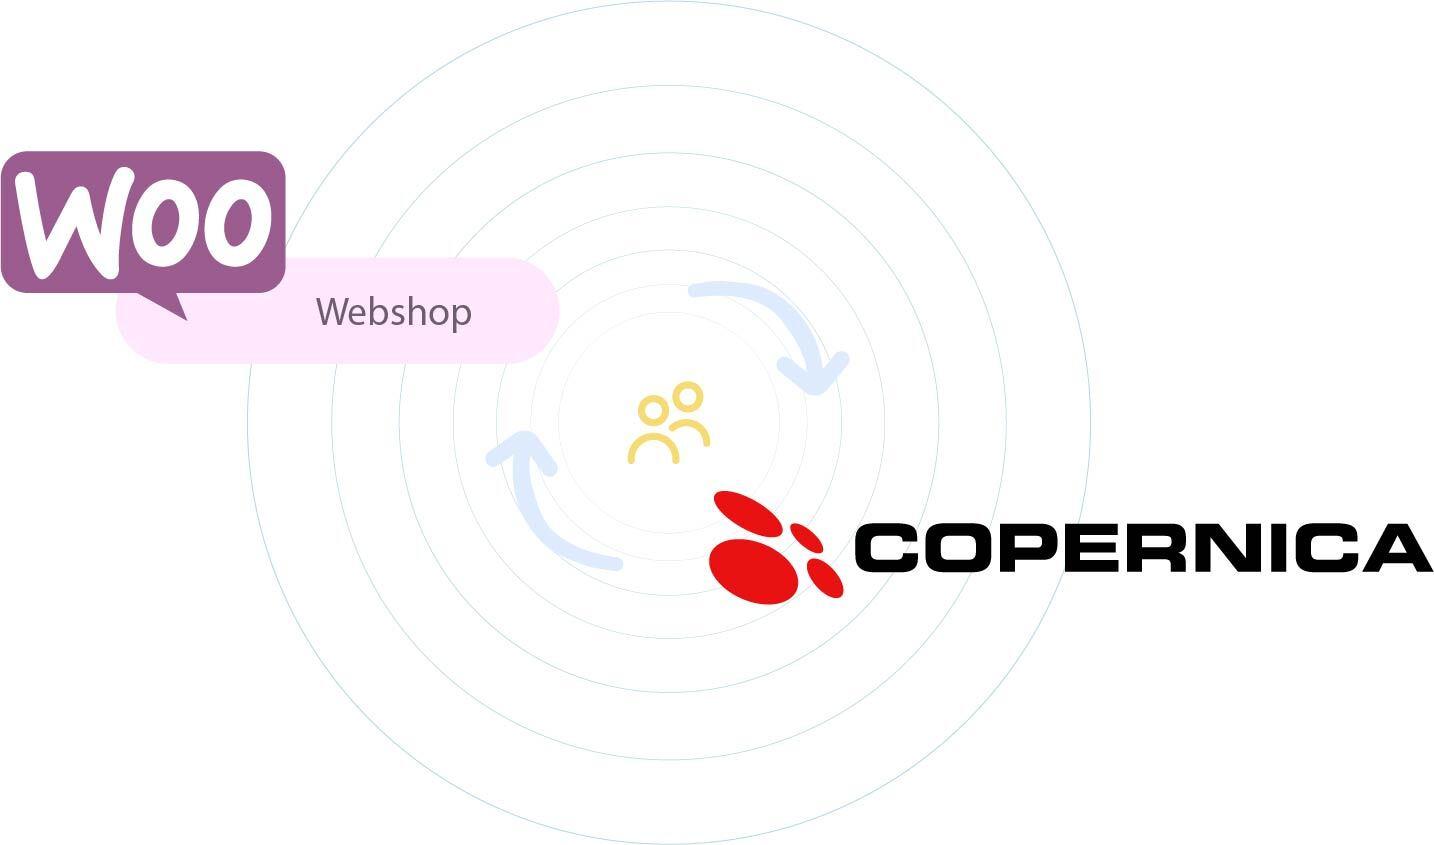 Copernica koppeling voor maatwerk WooCommerce webshop